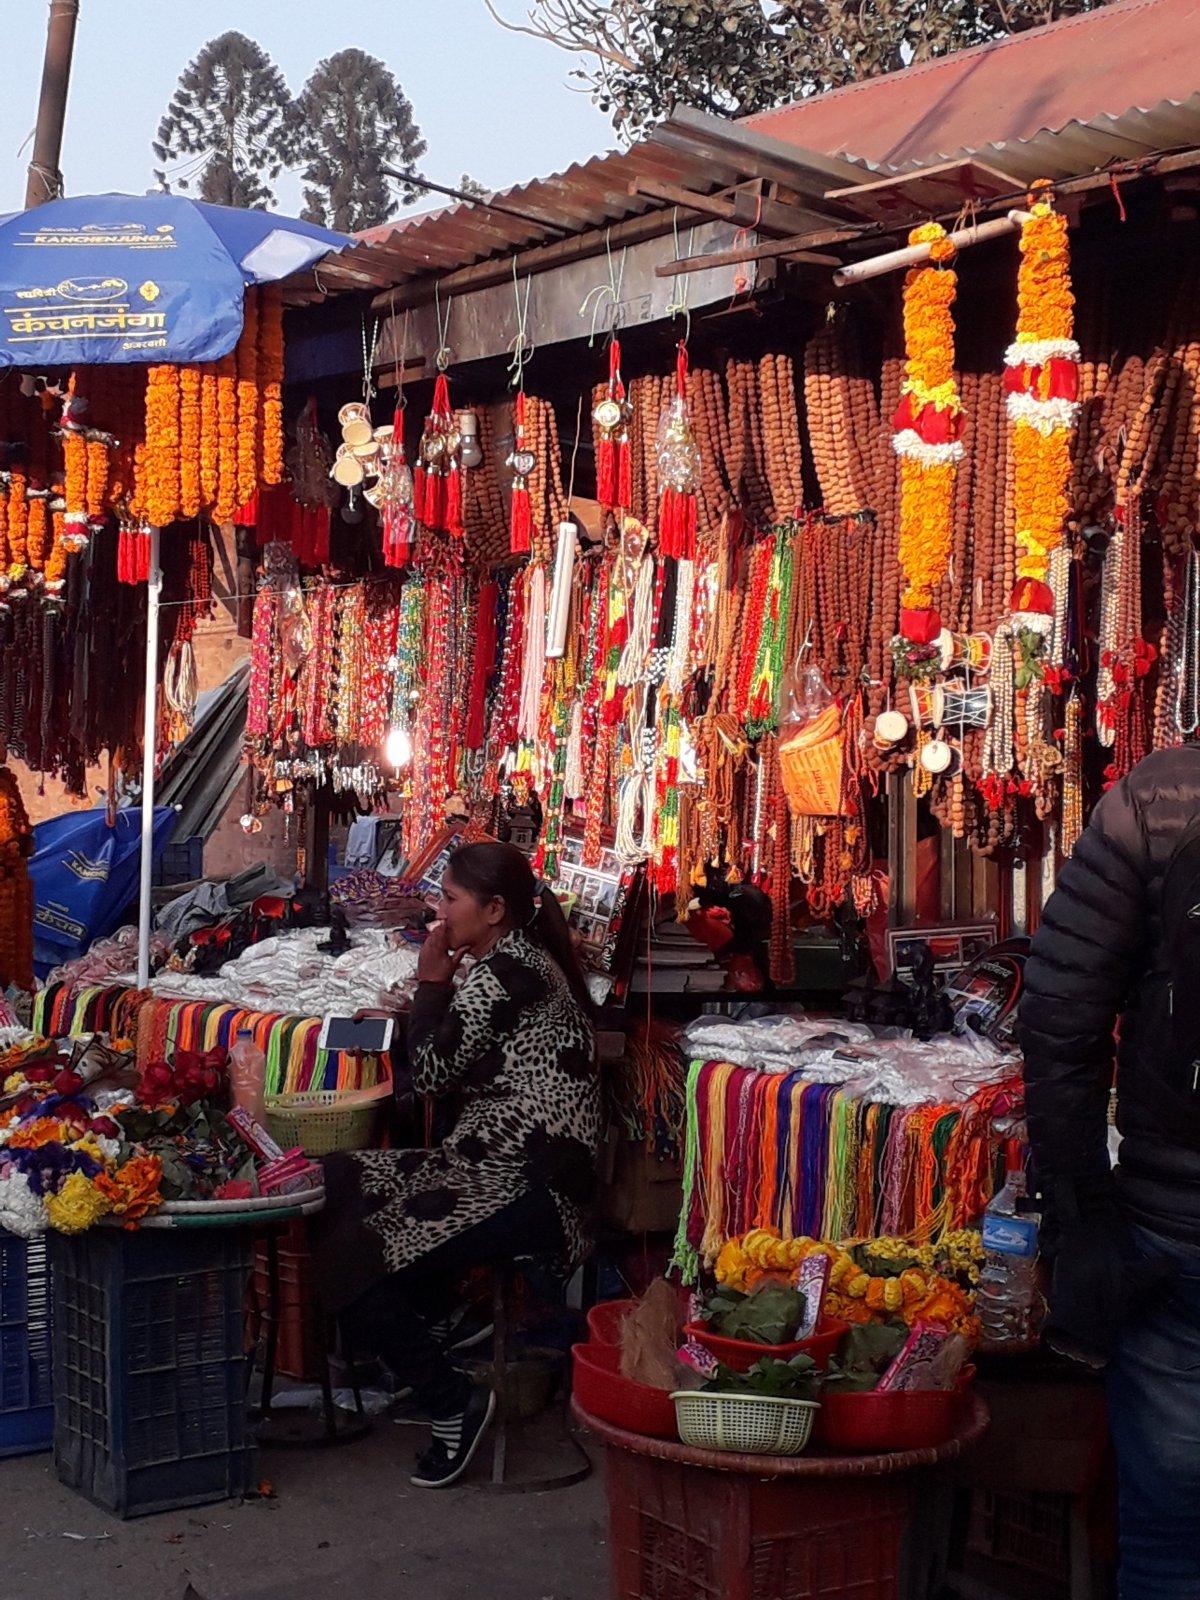 Vallási rituálék során használt kellékeket árulnak Katmanduban •  Fotó: Kiss Judit